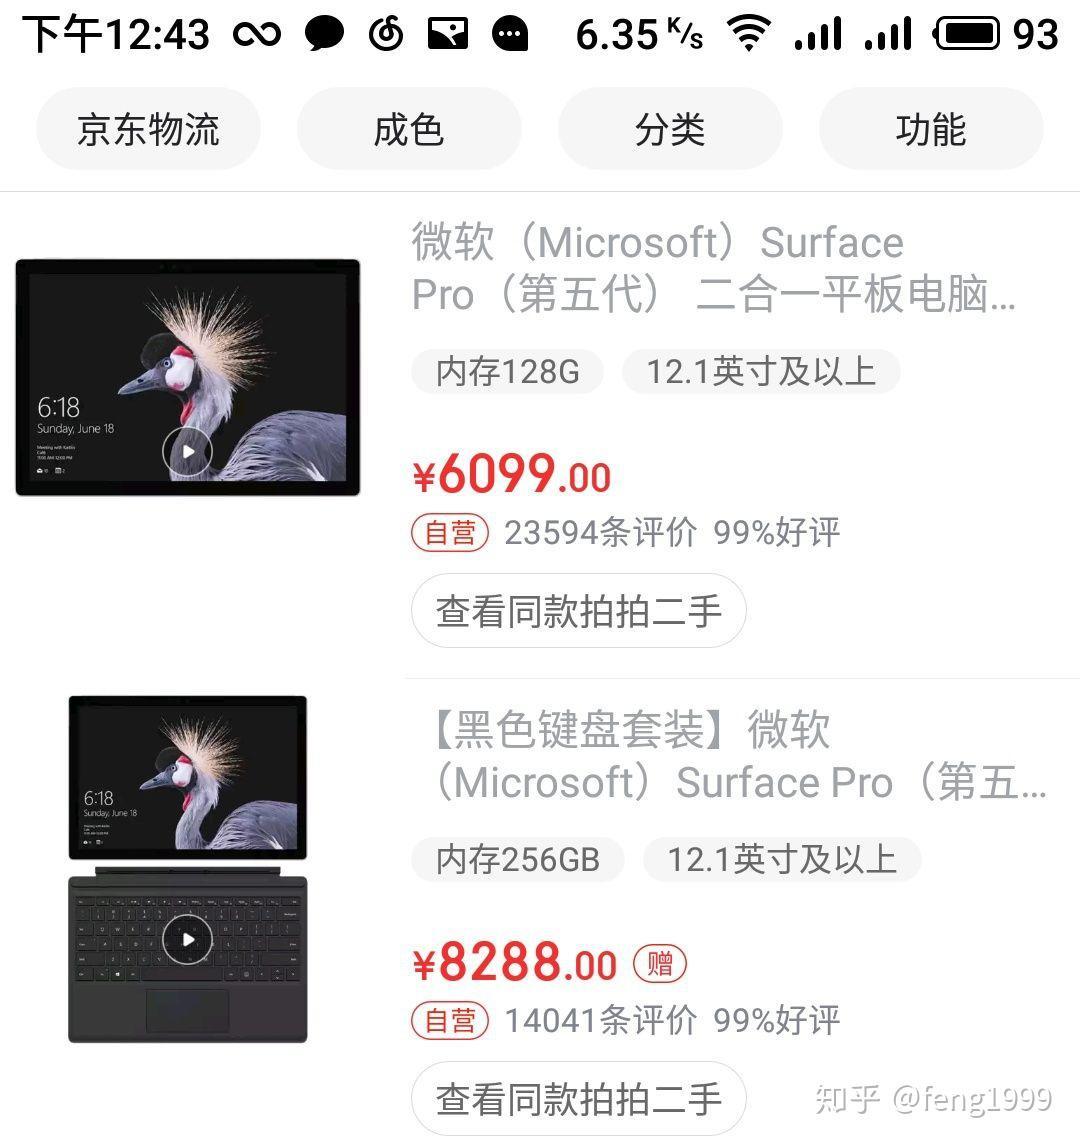 想问问微软,小米,华为哪款笔记本比较好用啊?